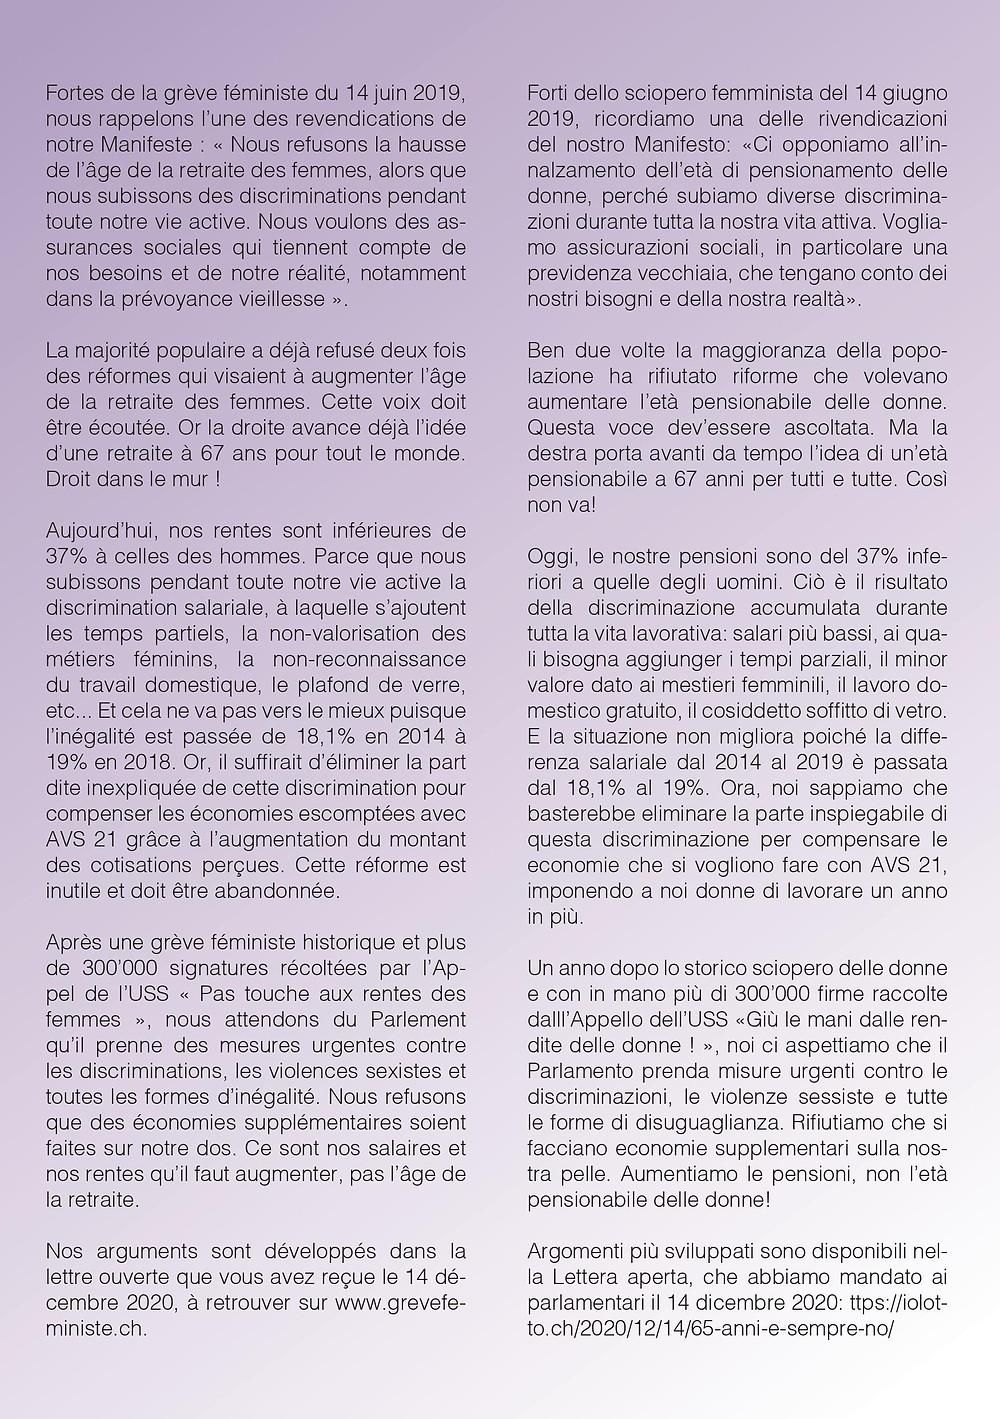 Arguments du non à cette AVS 21. Ici le texte de droite en italien et le texte de gauche en français.